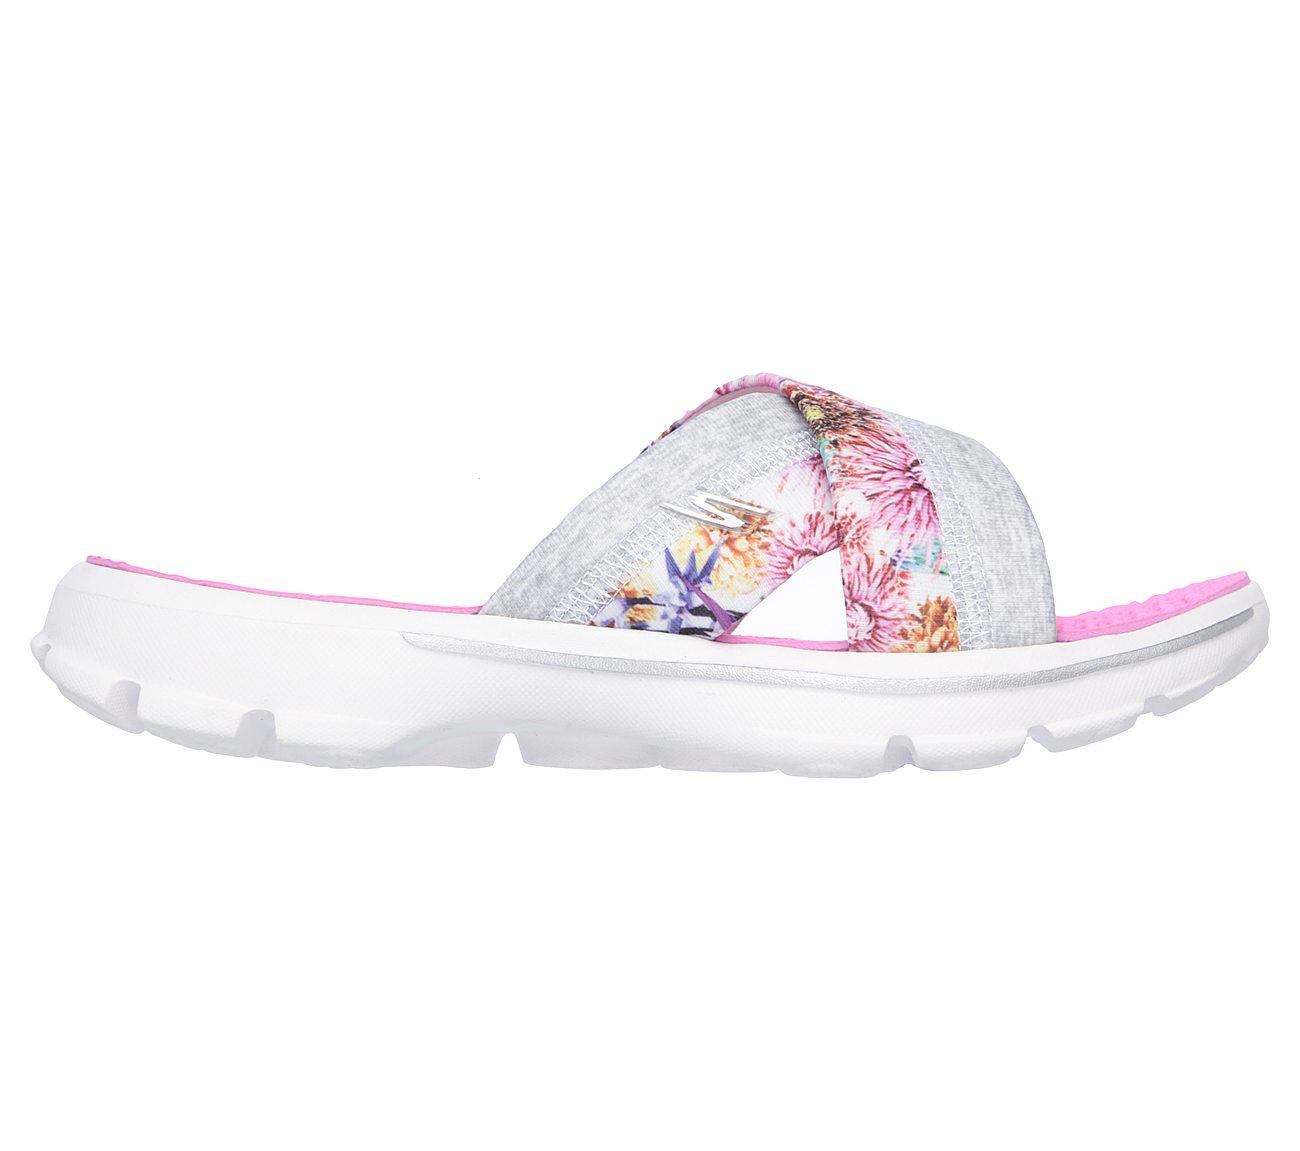 Buy Skechers Skechers Gowalk 3 Fiji Gowalk Shoes Only 32 00